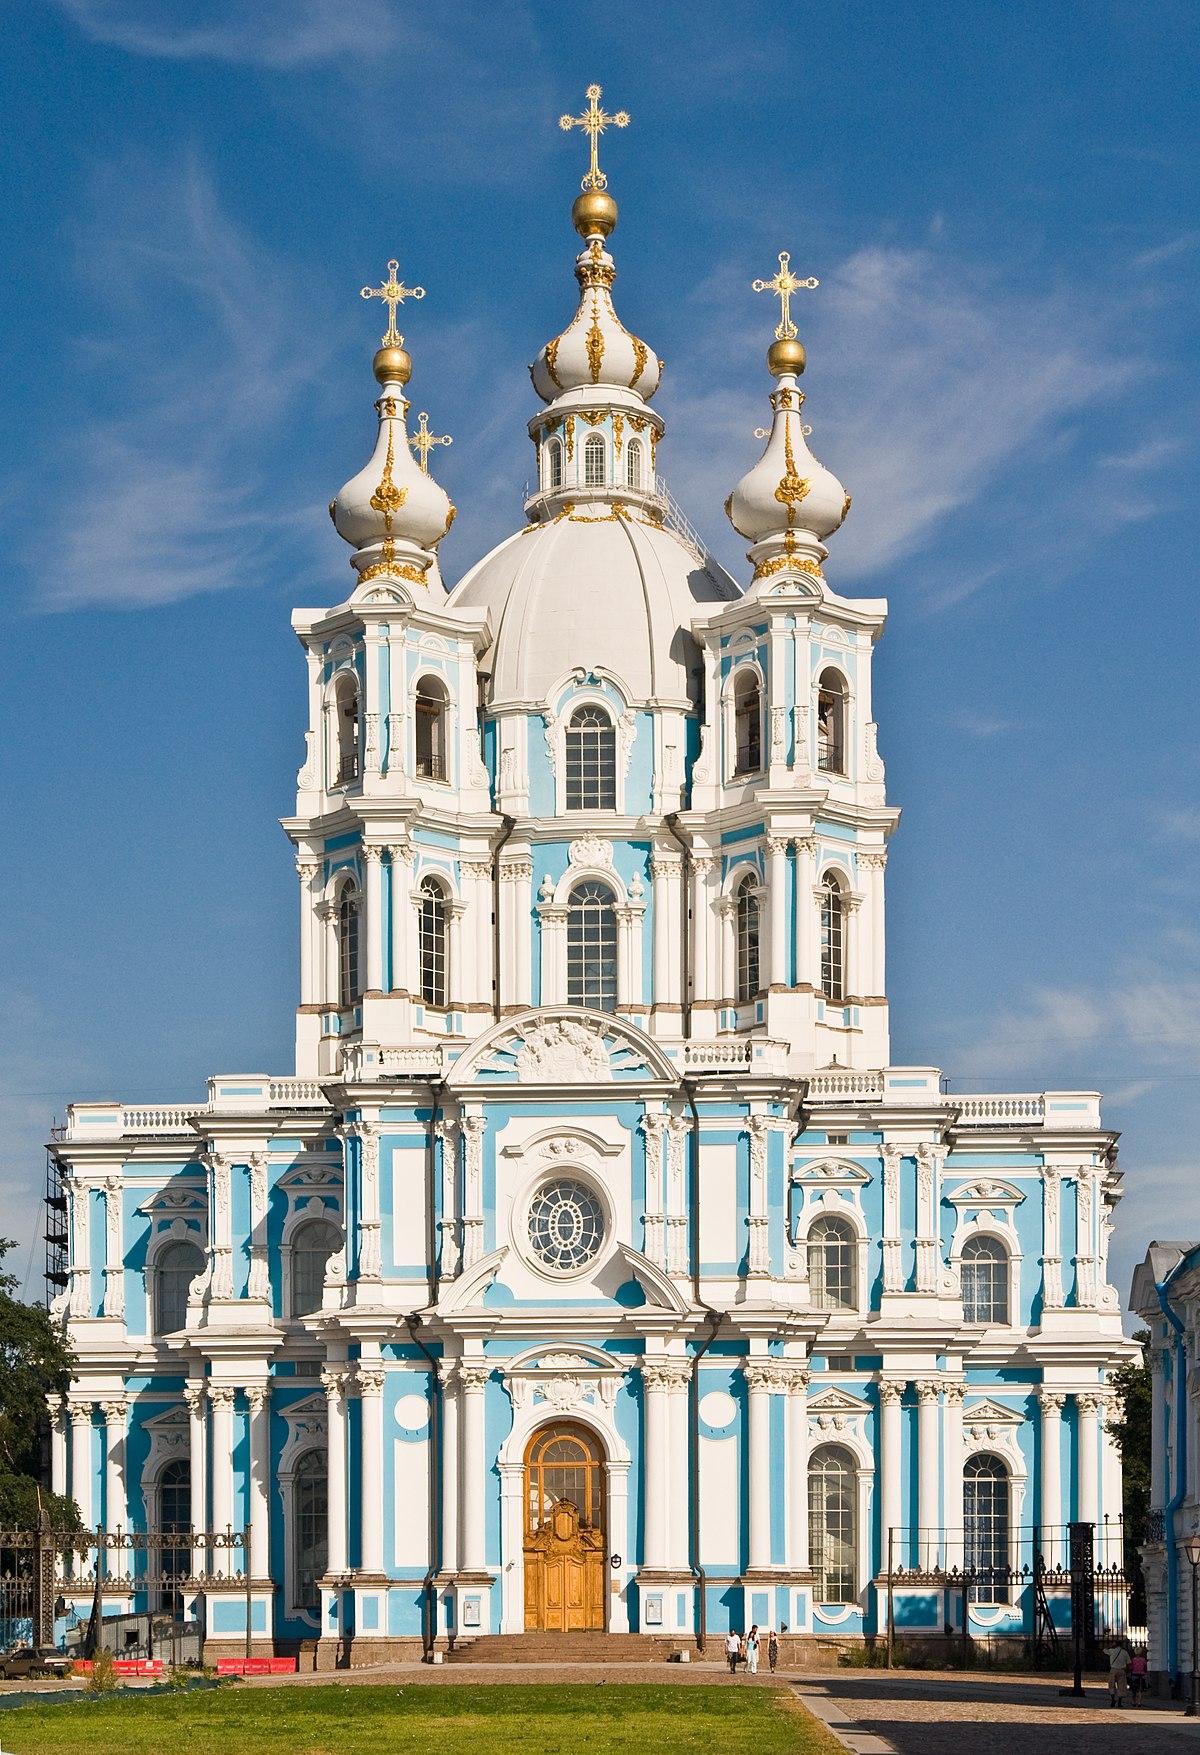 Cattedrale della Resurrezione (San Pietroburgo) - Wikipedia